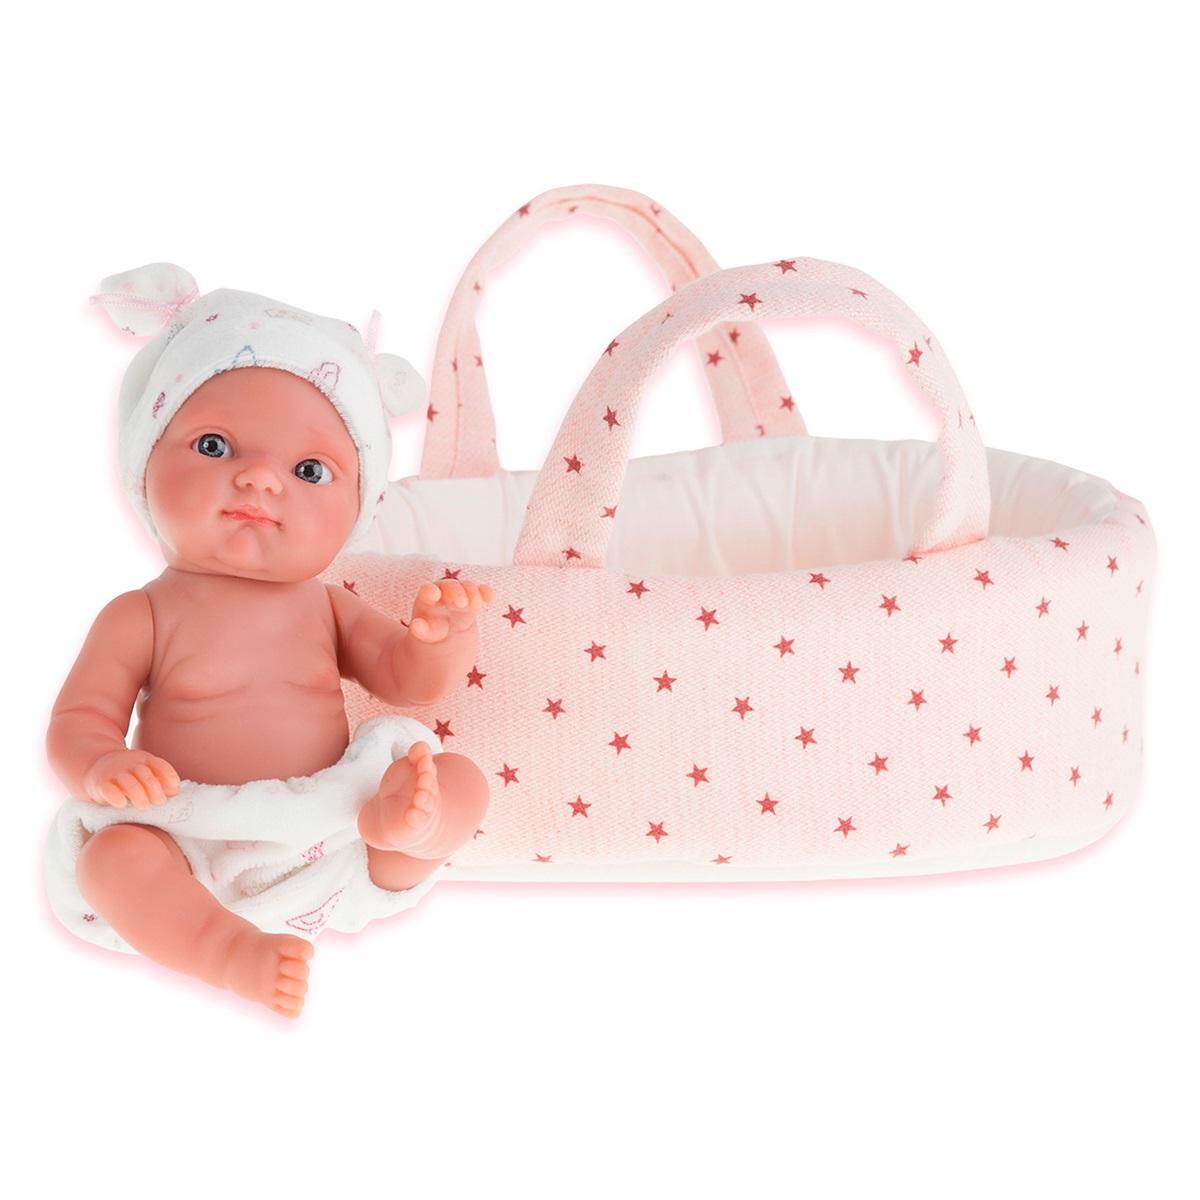 Кукла Пепита в белой корзине, 21 смКуклы Антонио Хуан (Antonio Juan Munecas)<br>Кукла Пепита в белой корзине, 21 см<br>